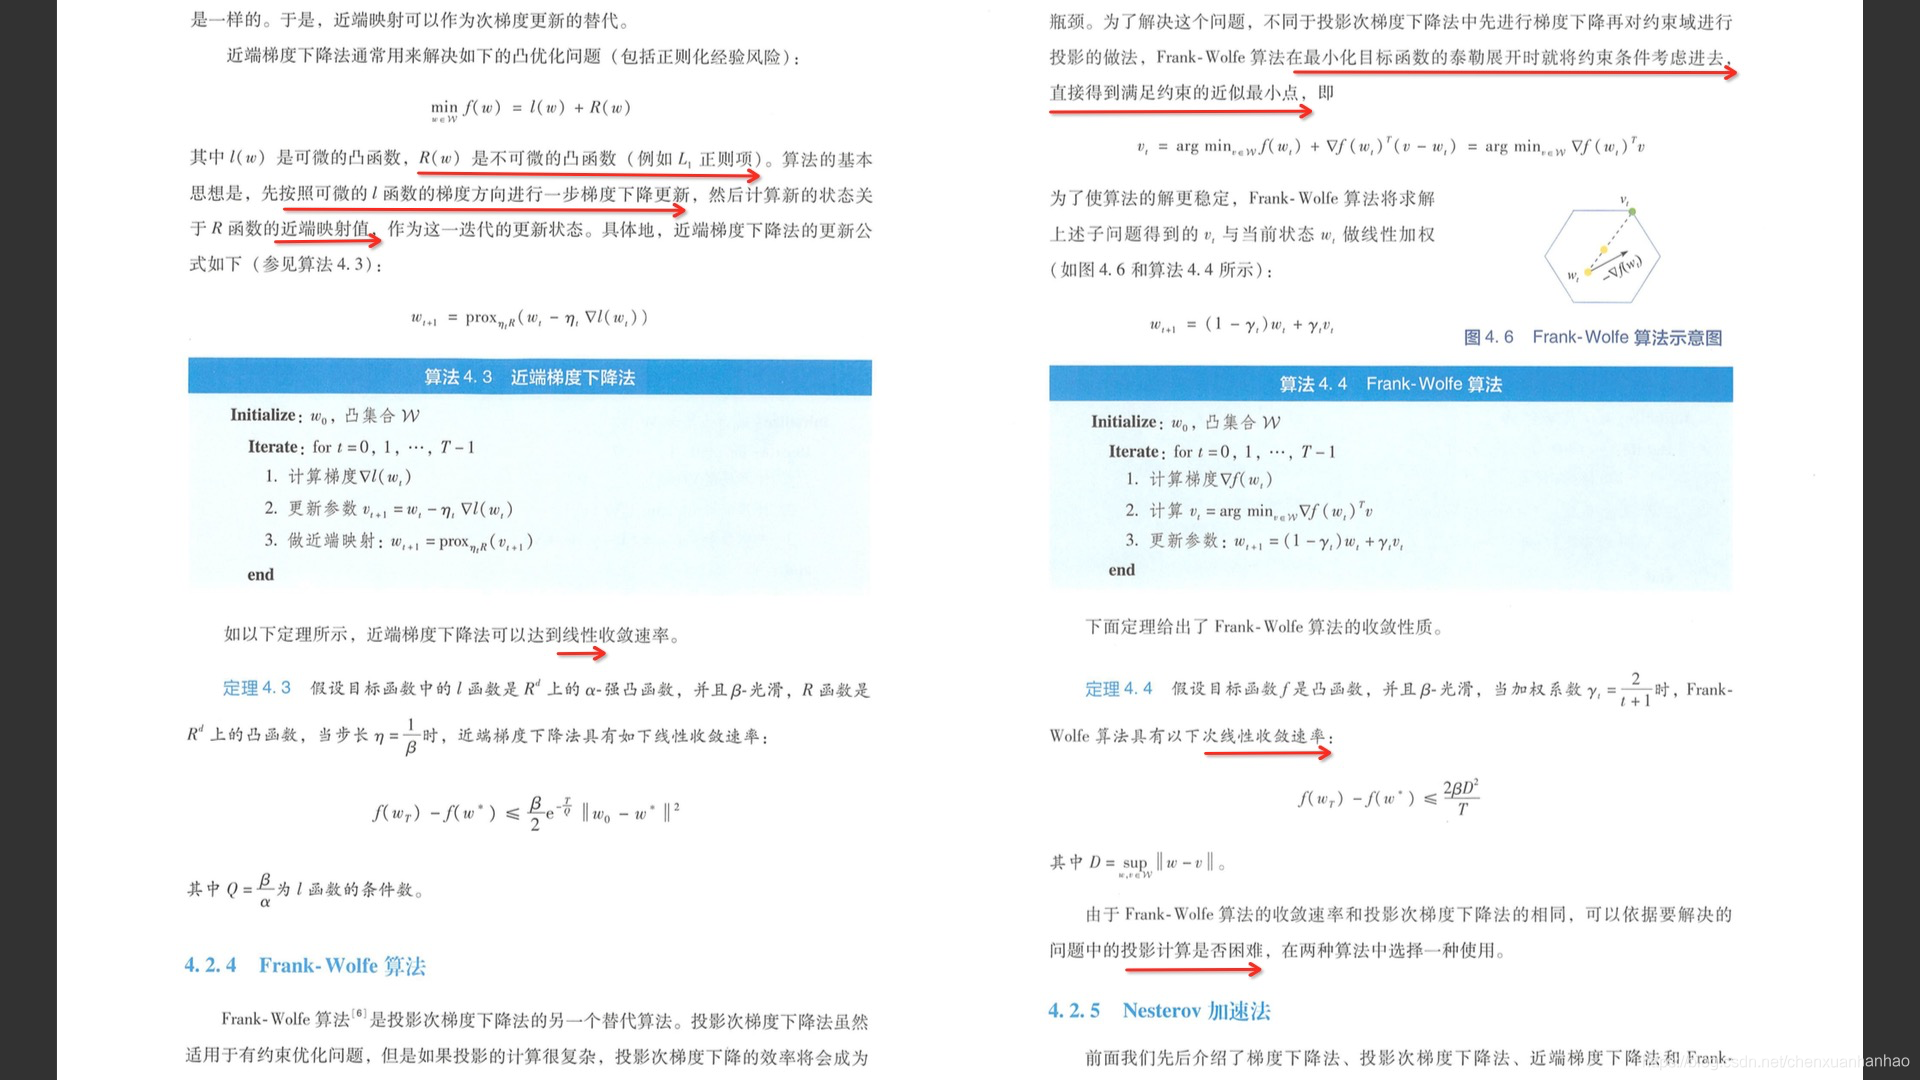 坐标法与机器证明_分布式机器学习:算法、理论与实践_chenxuanhanhao的专栏-CSDN博客